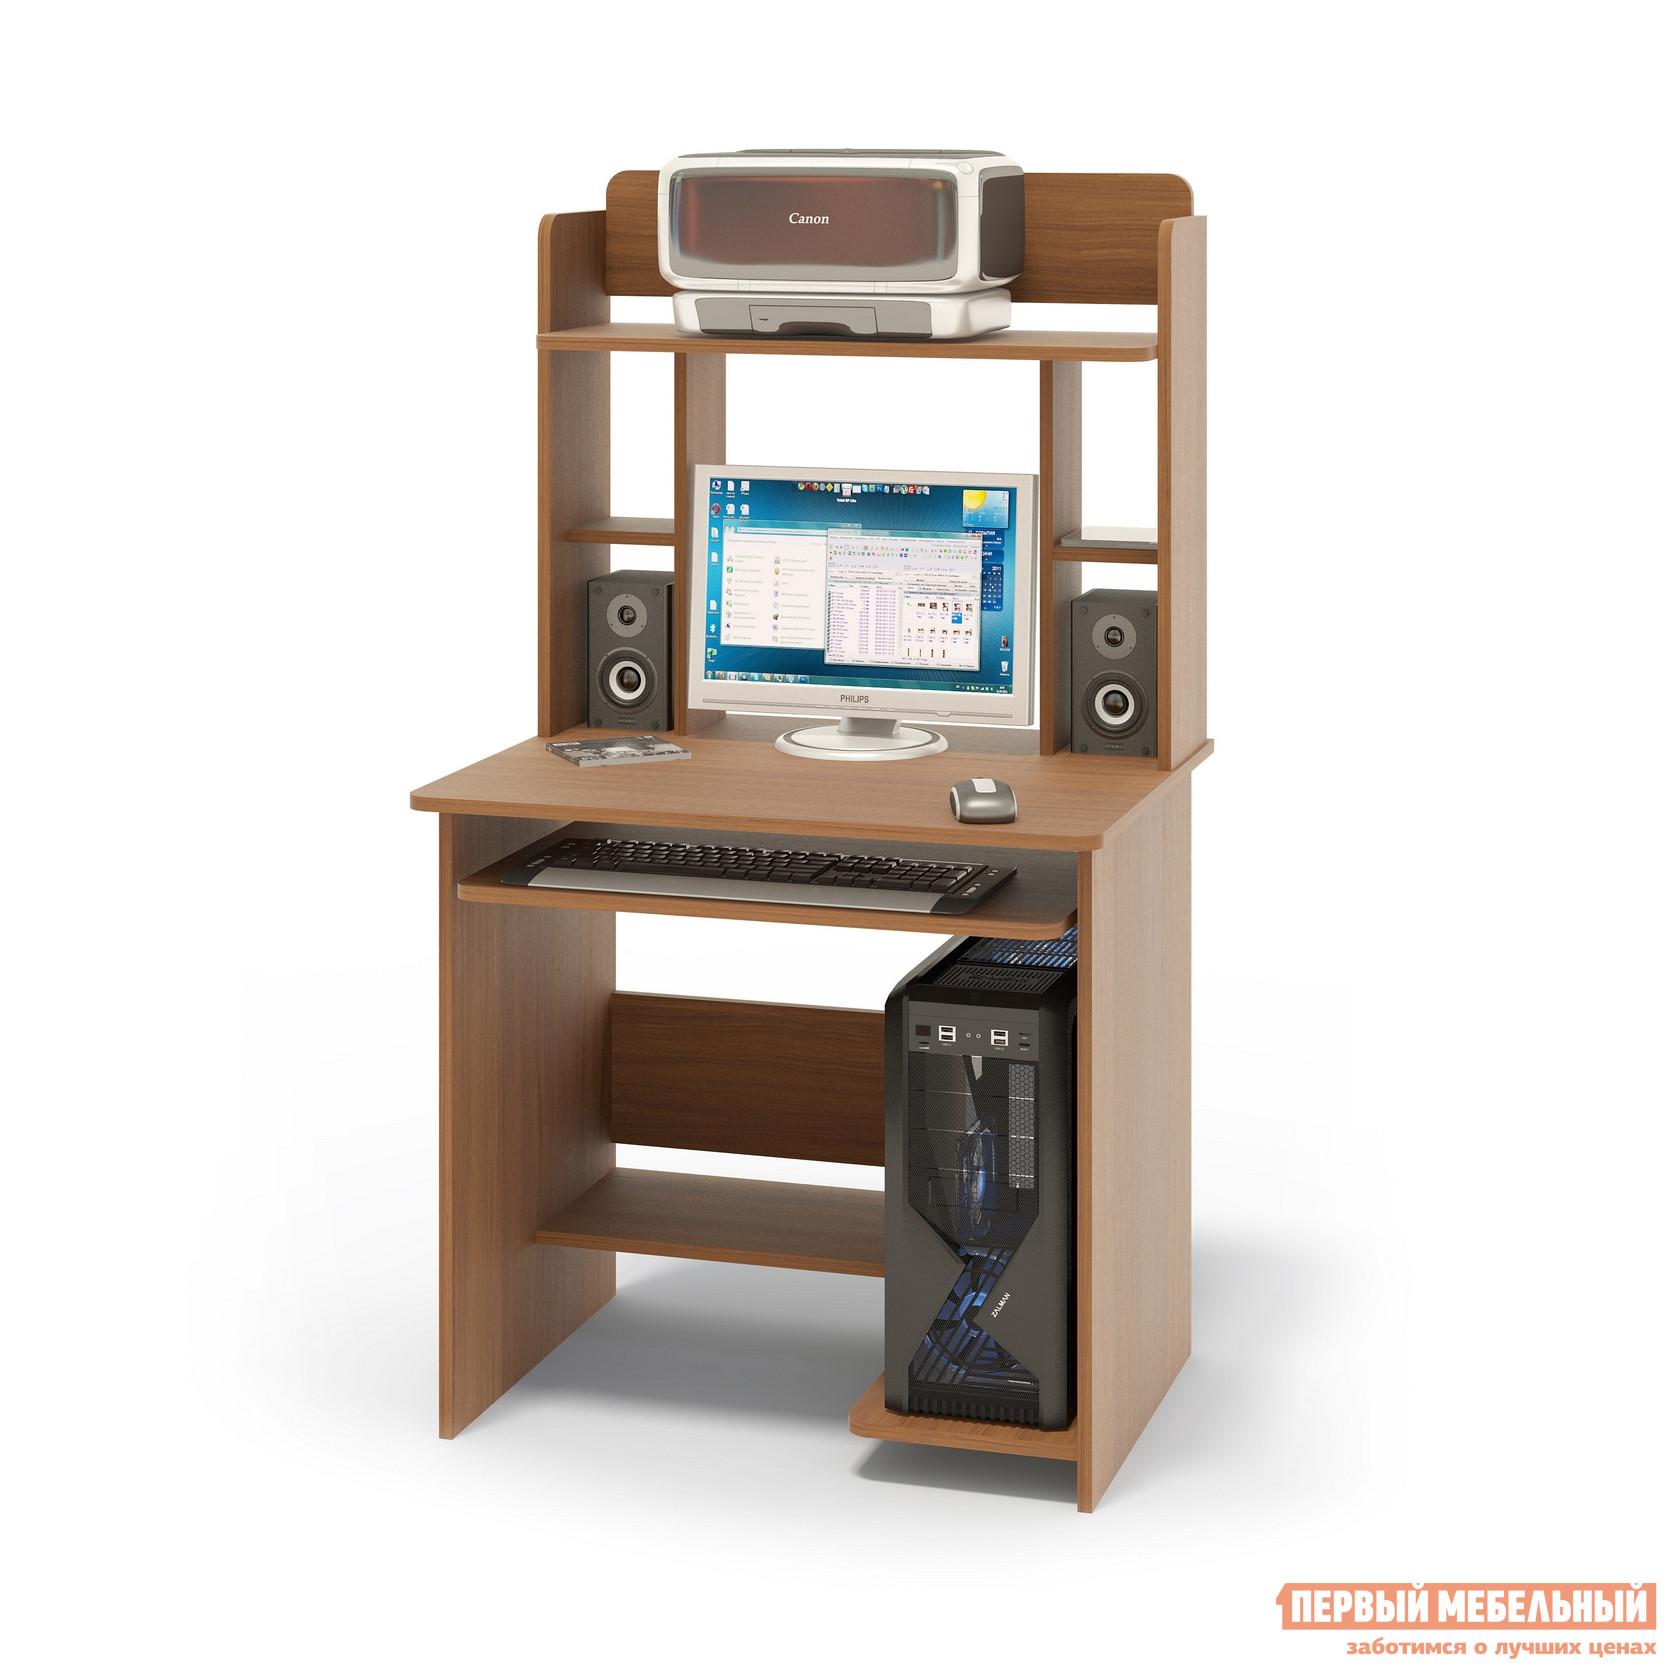 """Компьютерный стол Сокол КСТ-01.1+КН-12 Ноче-эккоКомпьютерные столы<br>Габаритные размеры ВхШхГ 1420x800x600 мм. Компактный  компьютерный стол  с надстройкой, выкатной полочкой для клавиатуры, позволяющей использовать поверхность стола для работы, полками для системного блока и принтера.   Стол позволит в небольшом пространстве организовать удобное место для работы. Размеры стола — 740 х 800 х 600 ммРазмер полки под клавиатуру — 650 х 356 мм. Размеры верхней полочки в надстройке — 758 х 252 мм. Проем под монитор — 476 х 456 мм (под монитор 20""""). Изготовлен из высококачественного ламинированного ДСП российского производства толщиной  16 мм, столешница имеет скругленные края и отделана противоударным кантом ПВХ. Изделие поставляется в разобранном виде.  Хорошо упаковано вгофротару вместе с необходимой фурнитурой для сборки и подробной инструкцией.  Рекомендуем сохранить инструкцию по сборке (паспорт изделия) до истечения гарантийного срока.<br><br>Цвет: Ноче-экко<br>Цвет: Коричневое дерево<br>Высота мм: 1420<br>Ширина мм: 800<br>Глубина мм: 600<br>Кол-во упаковок: 2<br>Форма поставки: В разобранном виде<br>Срок гарантии: 2 года<br>Тип: Прямые<br>Материал: Деревянные, из ЛДСП<br>Размер: Маленькие, Шириной 80 см<br>Особенности: С надстройкой, С полками<br>Стиль: Современный, Модерн"""